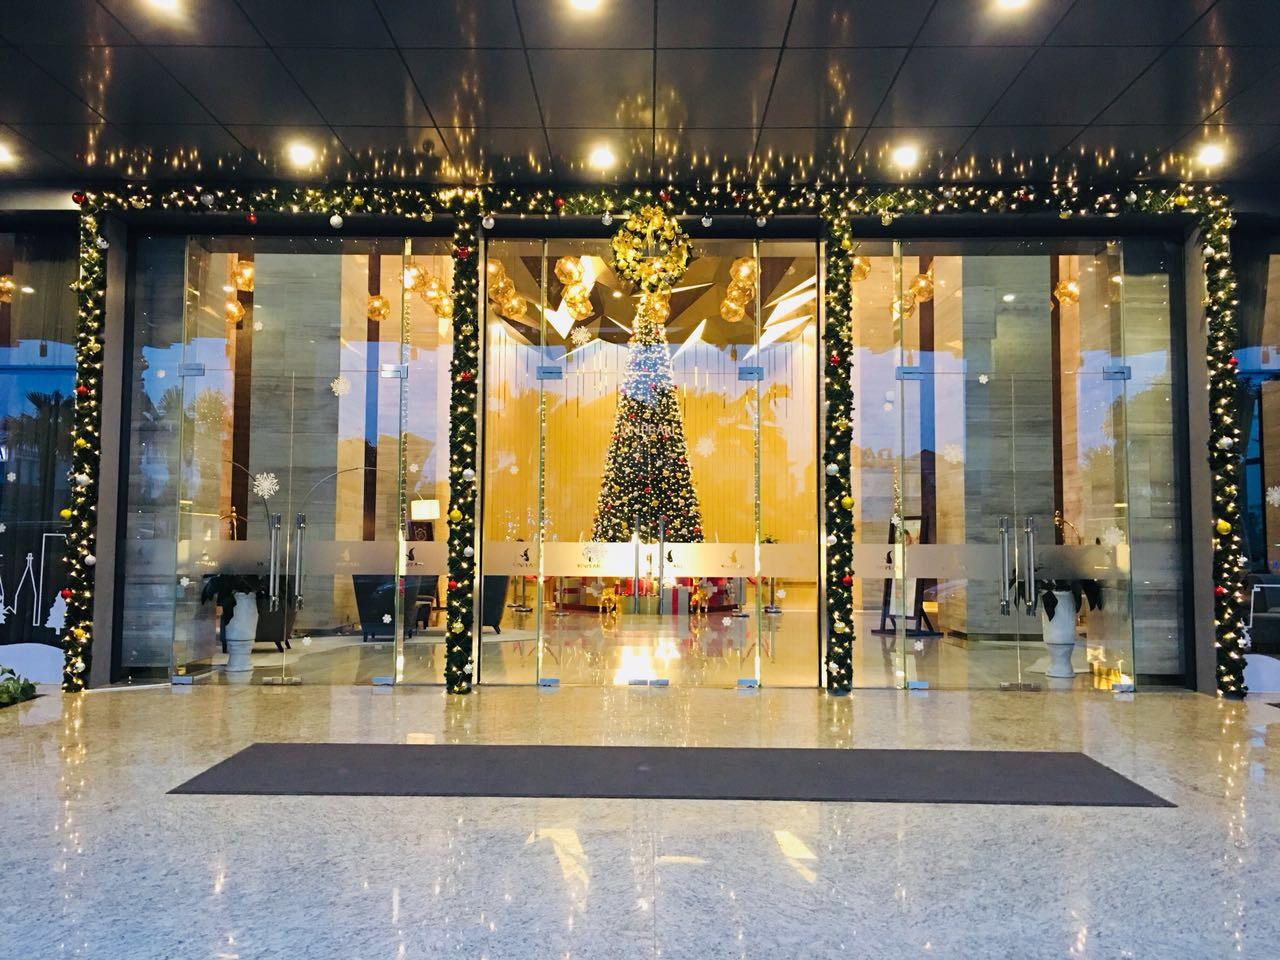 Không gian chuẩn mùa lễ hội của Vinpearl Hotels: Góc nào cũng lung linh, đã vậy còn được thưởng thức bữa tối với view ngàn sao! - Ảnh 10.